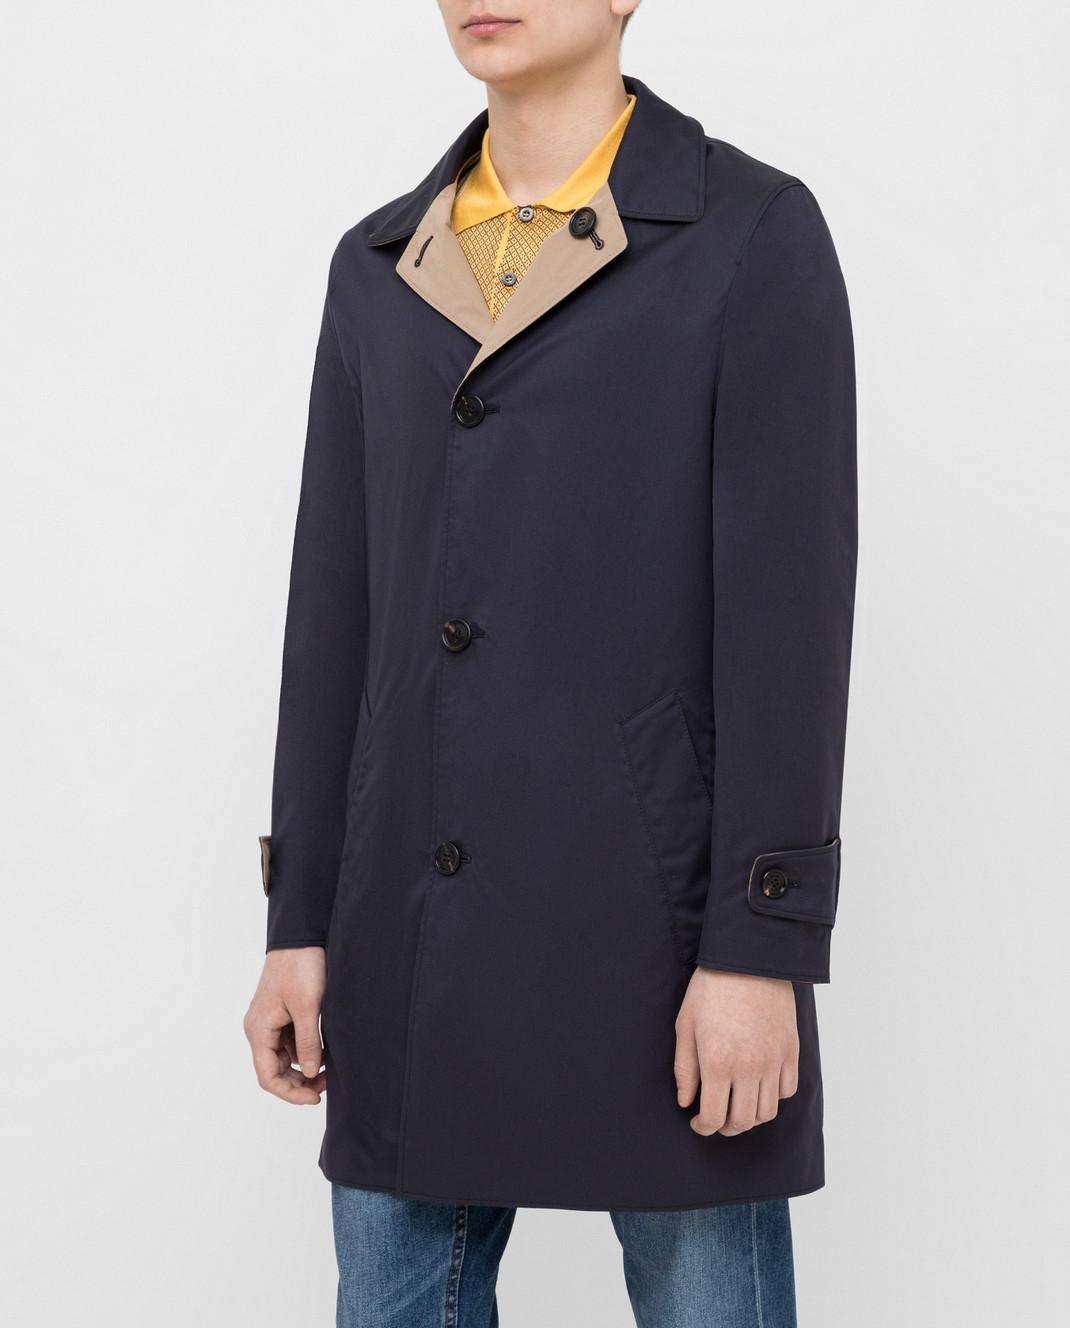 Brunello Cucinelli Двухстороннее пальто MD4506148 изображение 3